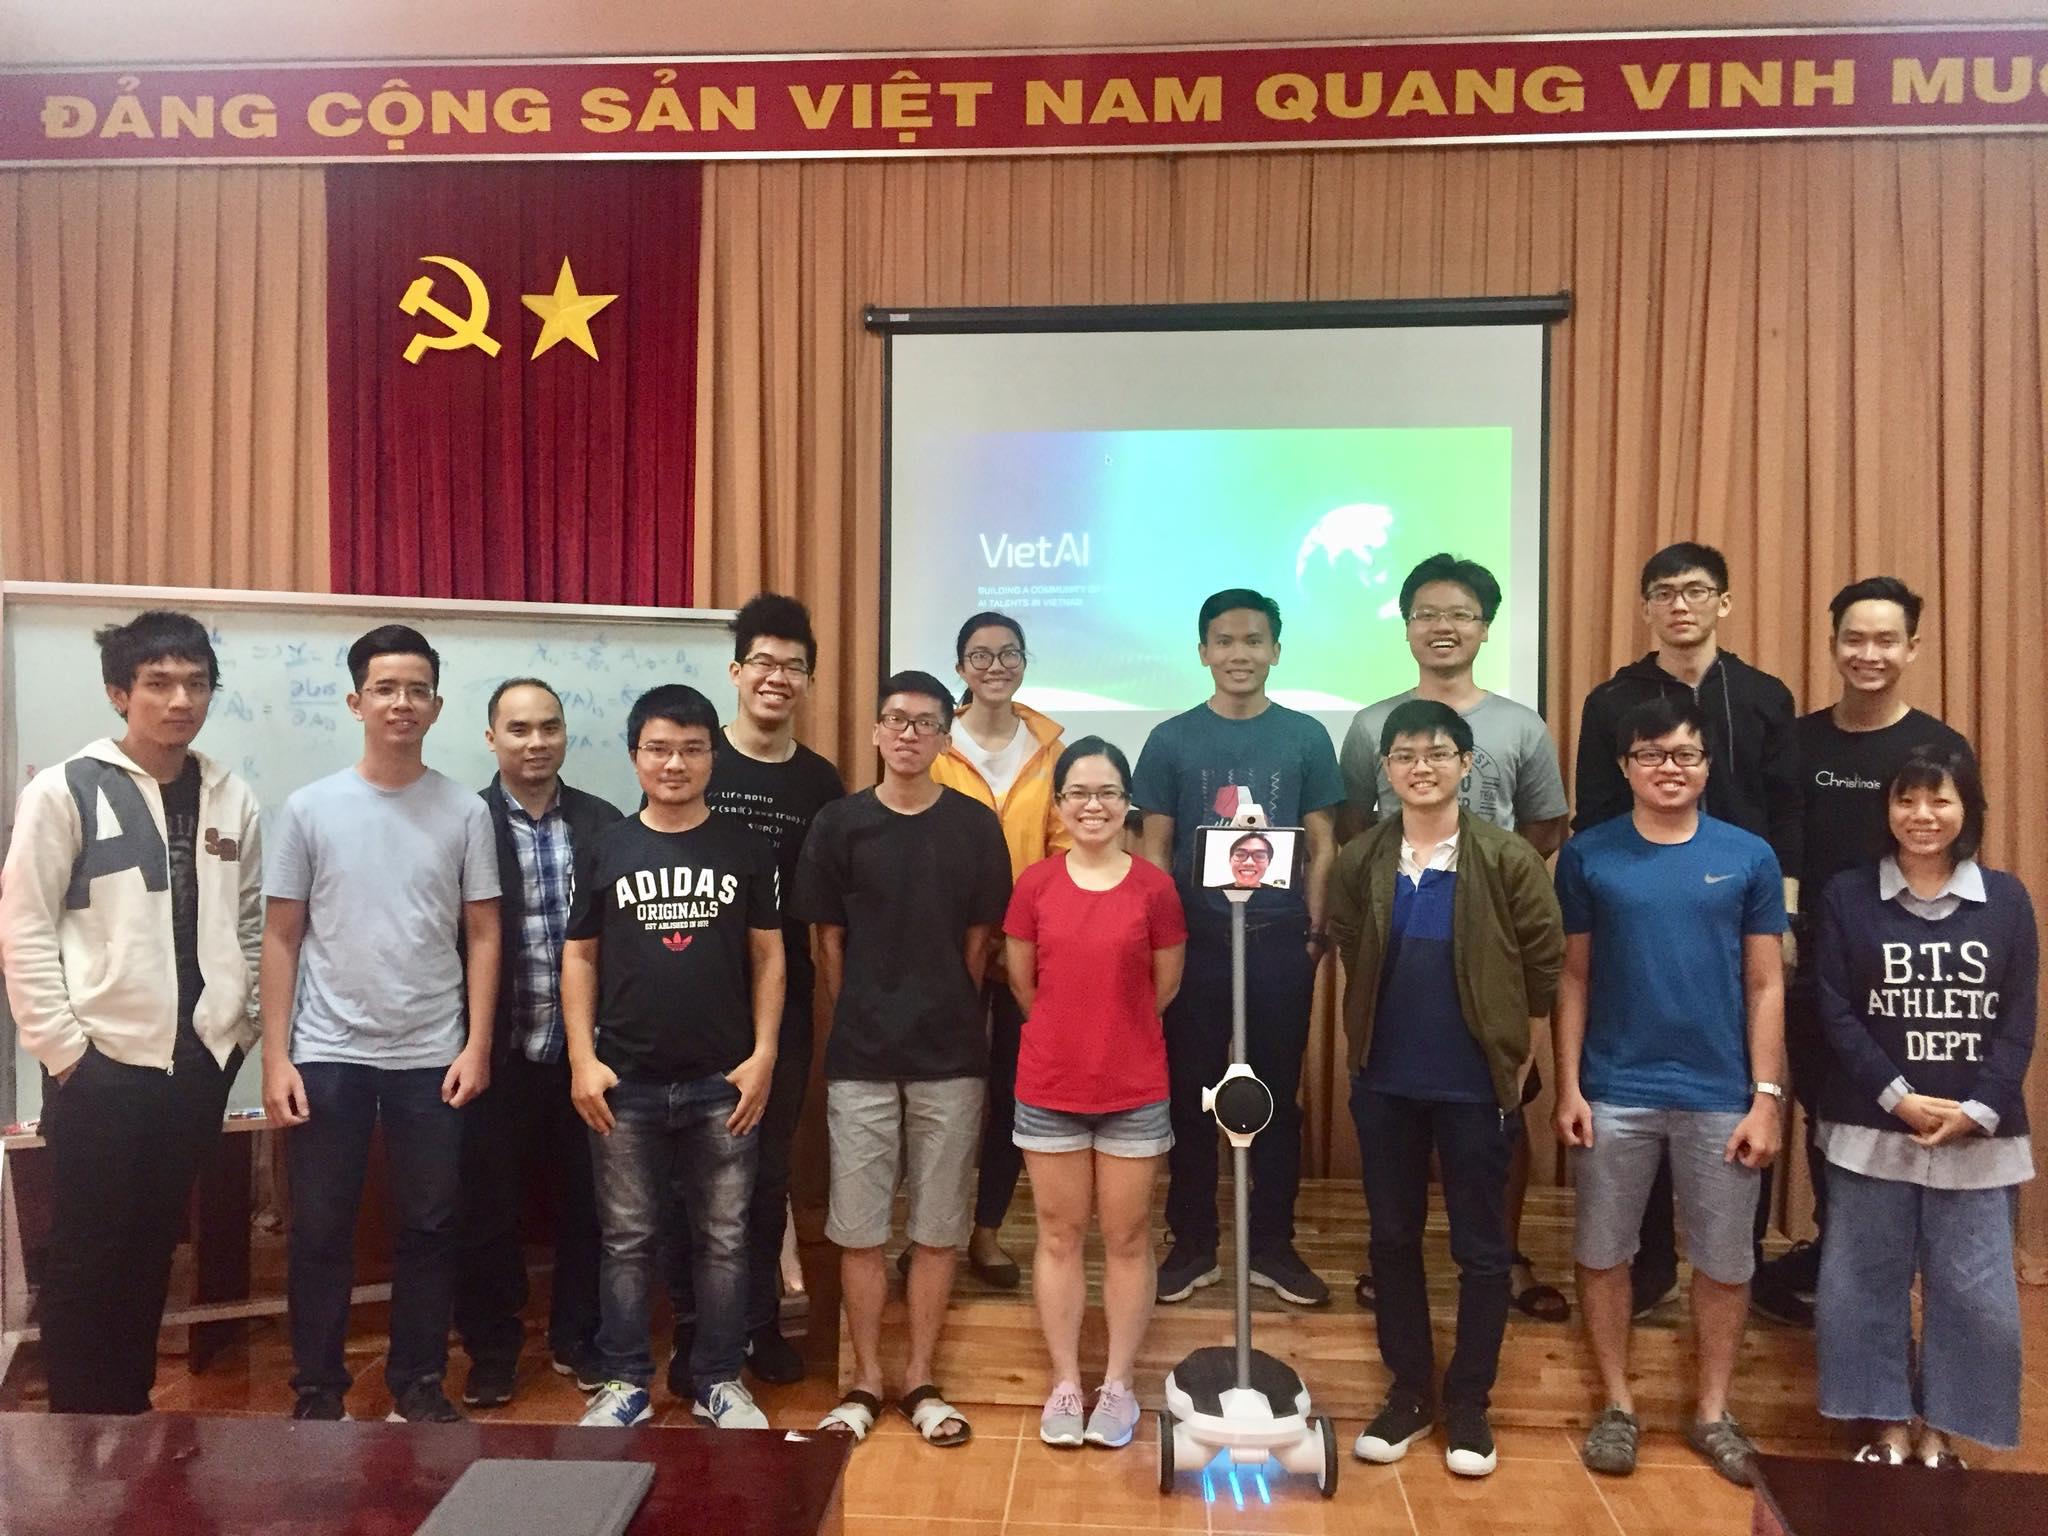 Our Program | VietAI